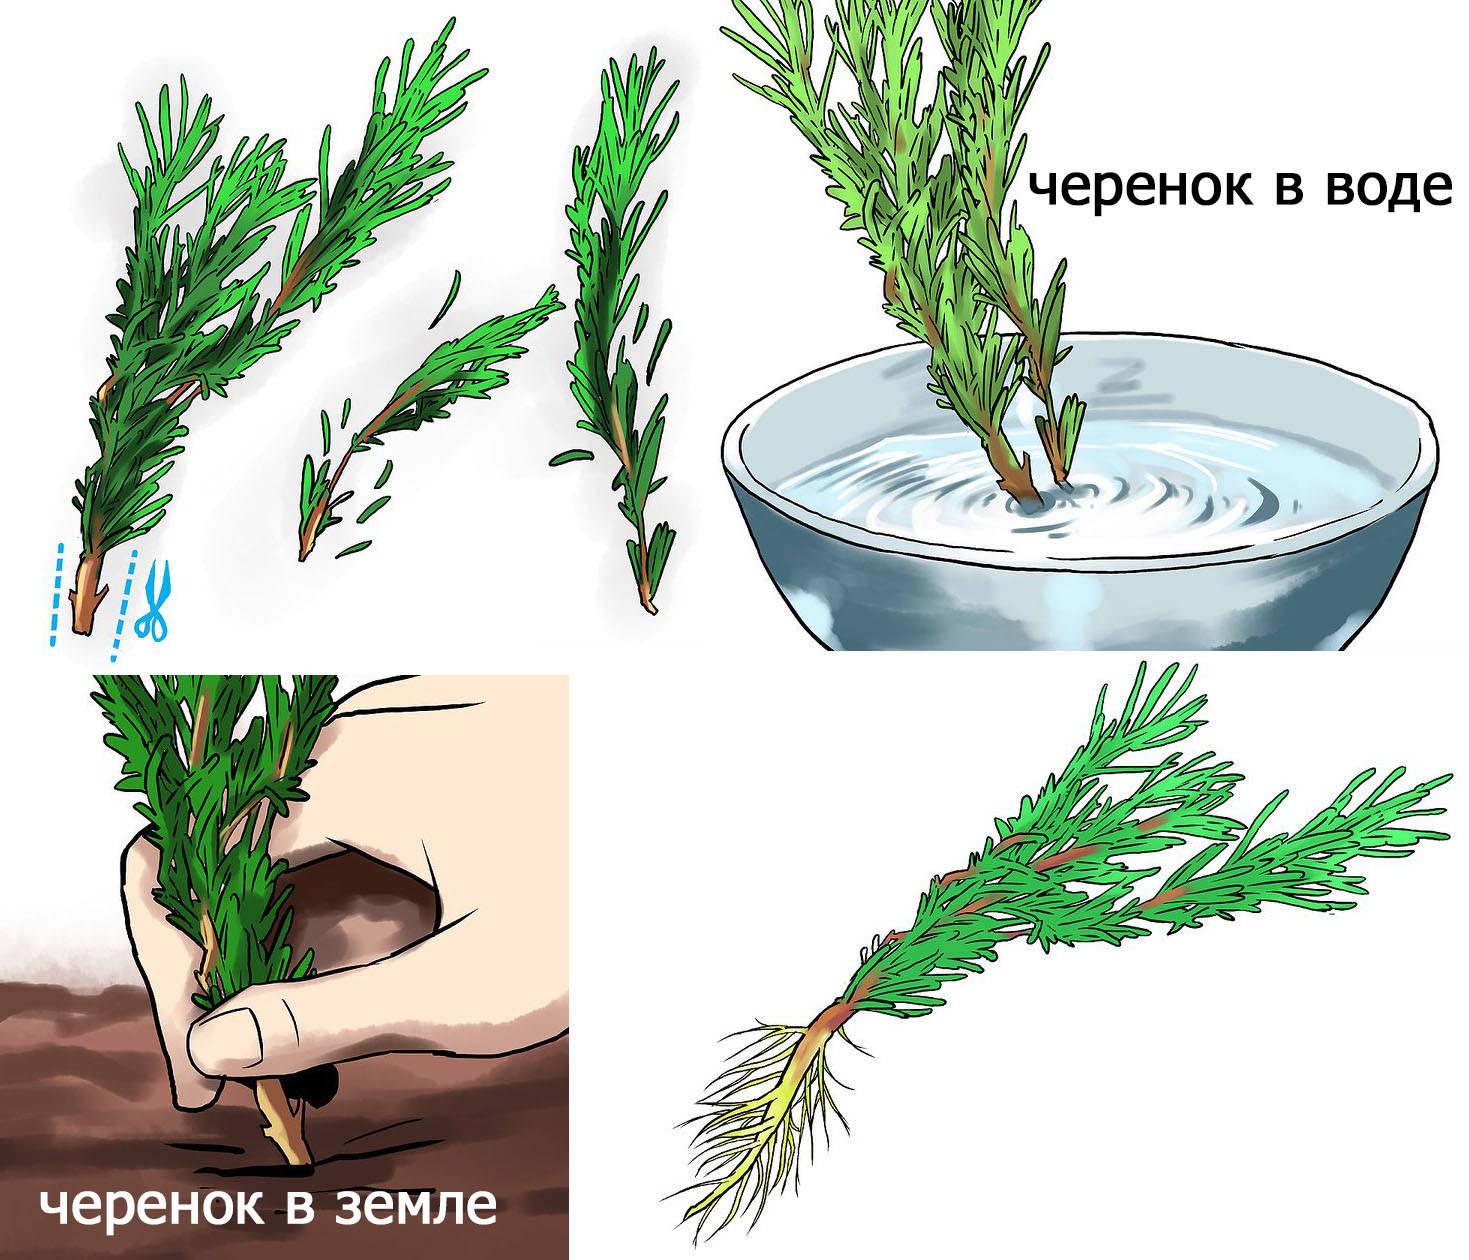 Укоренение зеленых черенков